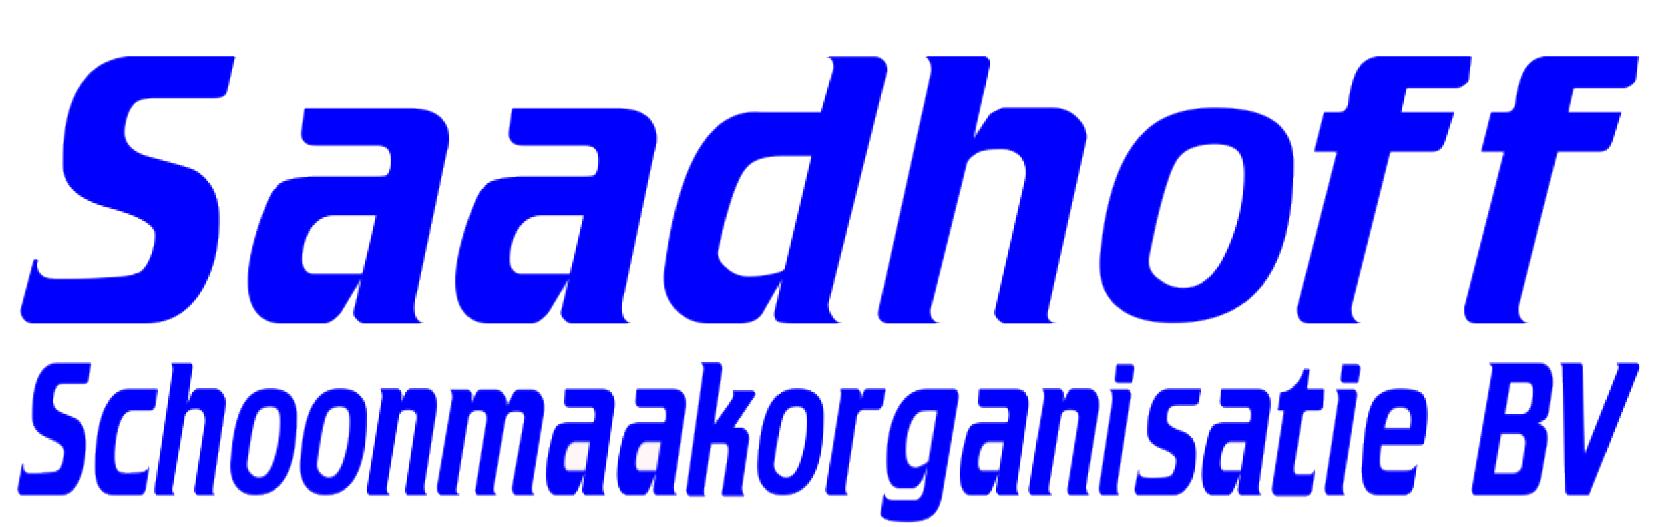 Saadhoff Schoonmaakorganisatie BV